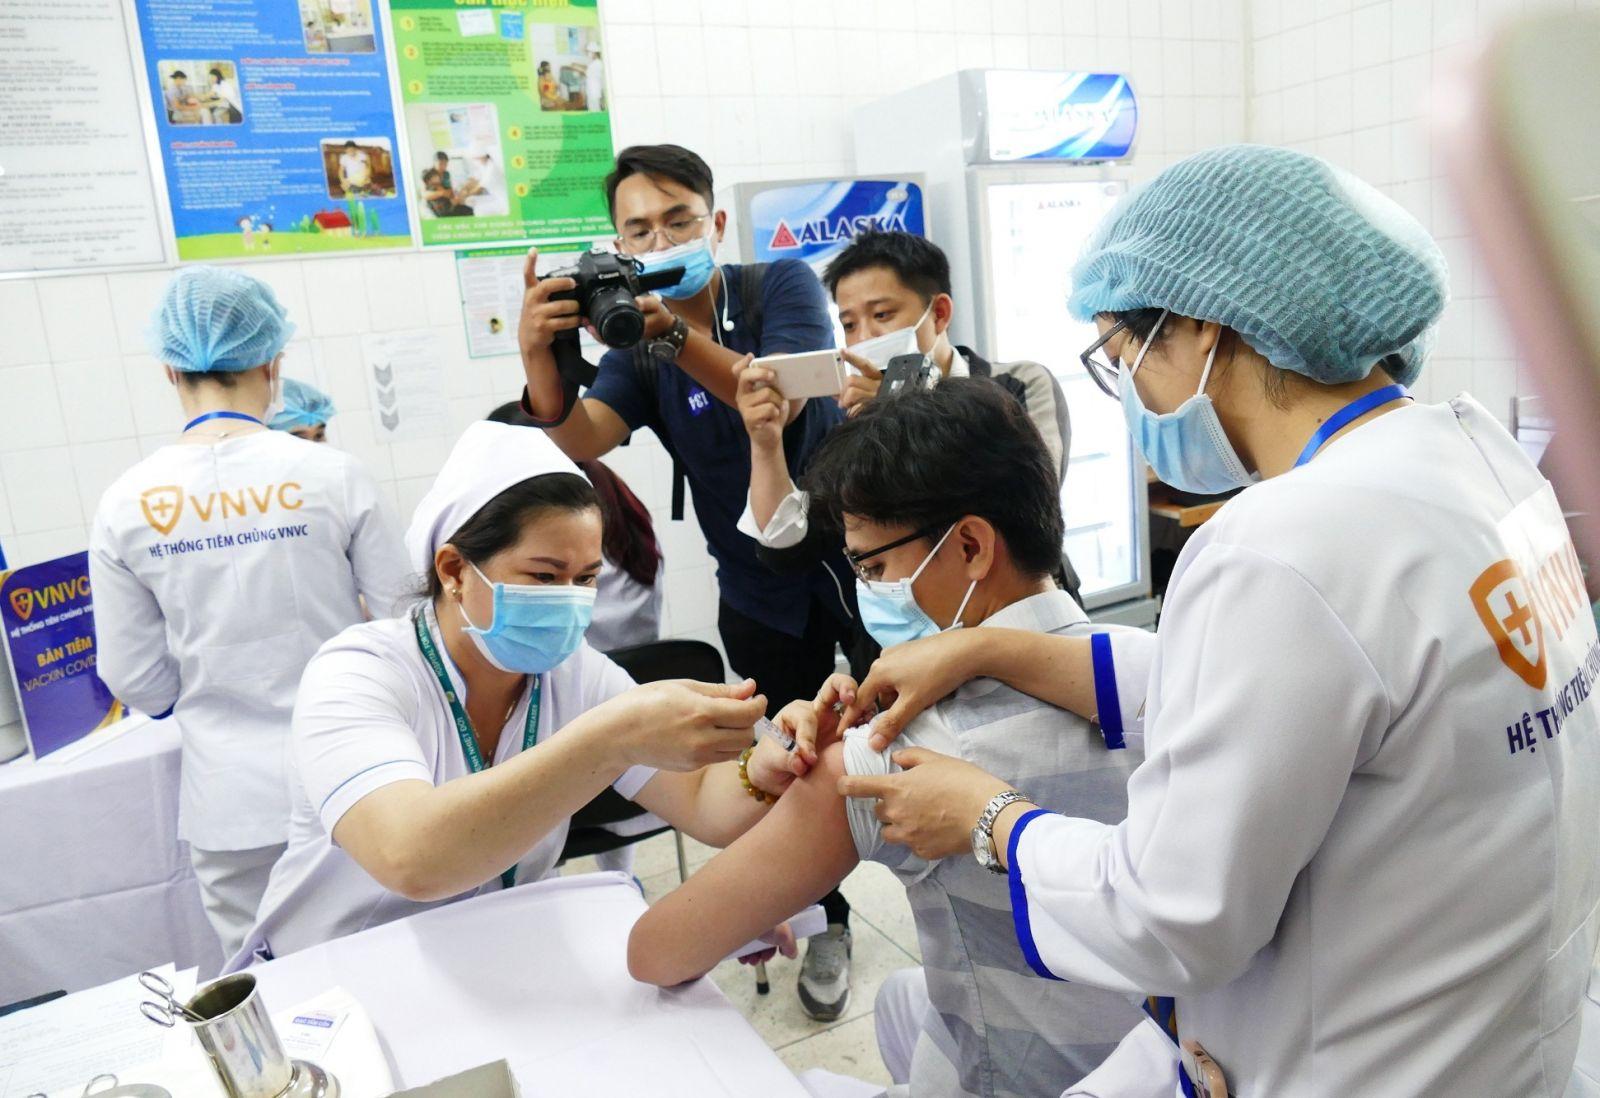 Các nhân viên y tế Bệnh viện Bệnh nhiệt đới TPHCM tiêm vaccine phòng COVID-19 trong sáng 8-3-2021.  Ảnh: VGP/Nguyễn Kim